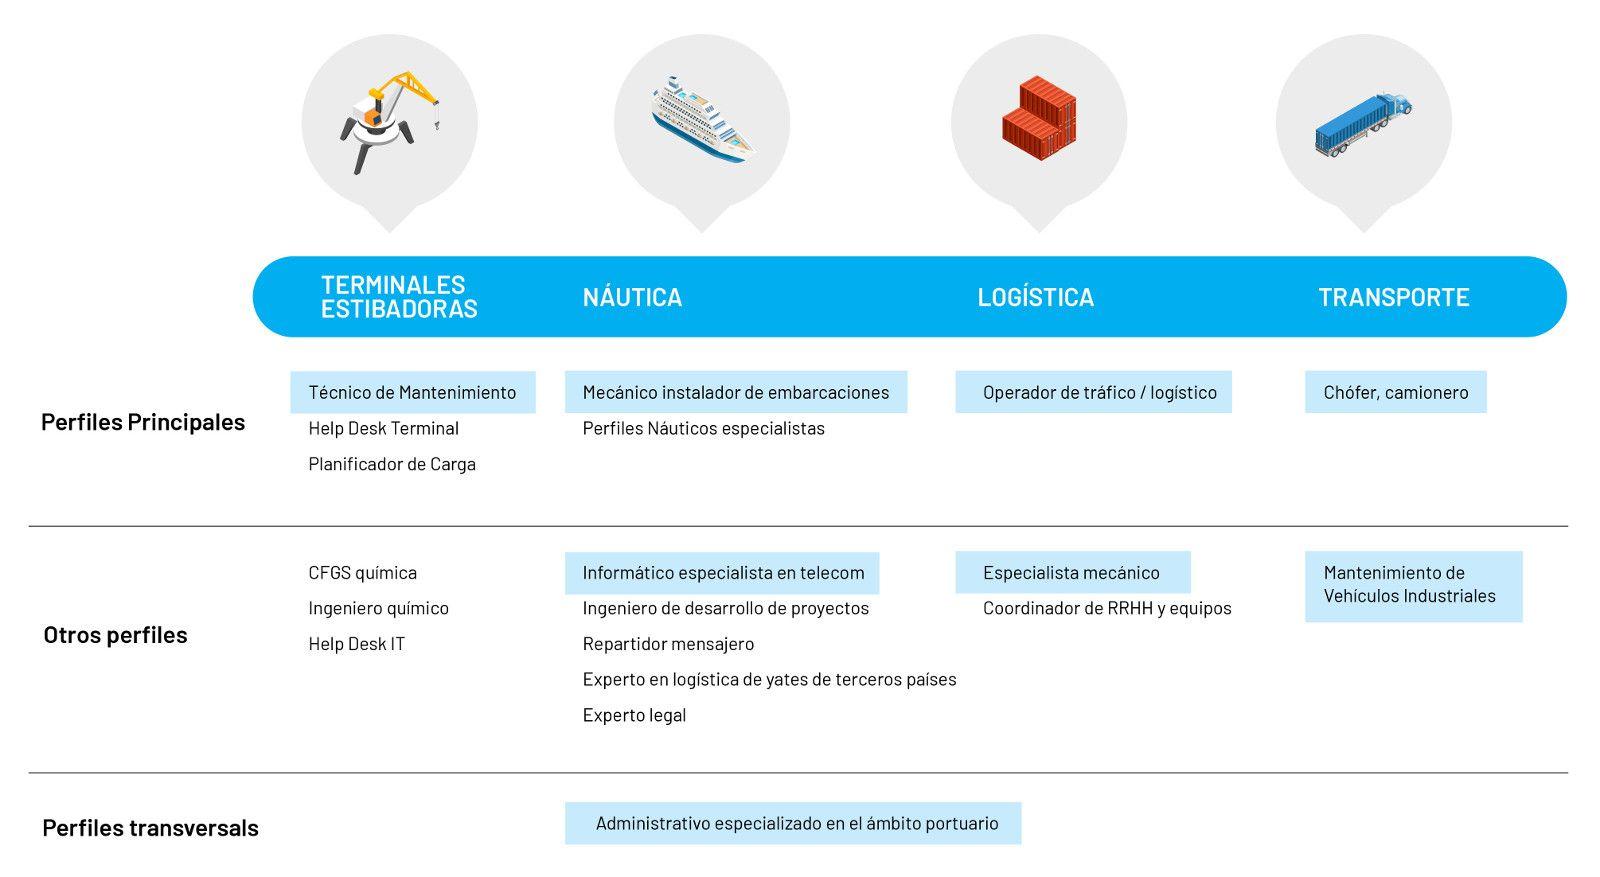 Los perfiles profesionales más demandados, por subsectores en el ámbito portuario. Fuente: Fundació BCN Formació Professional.